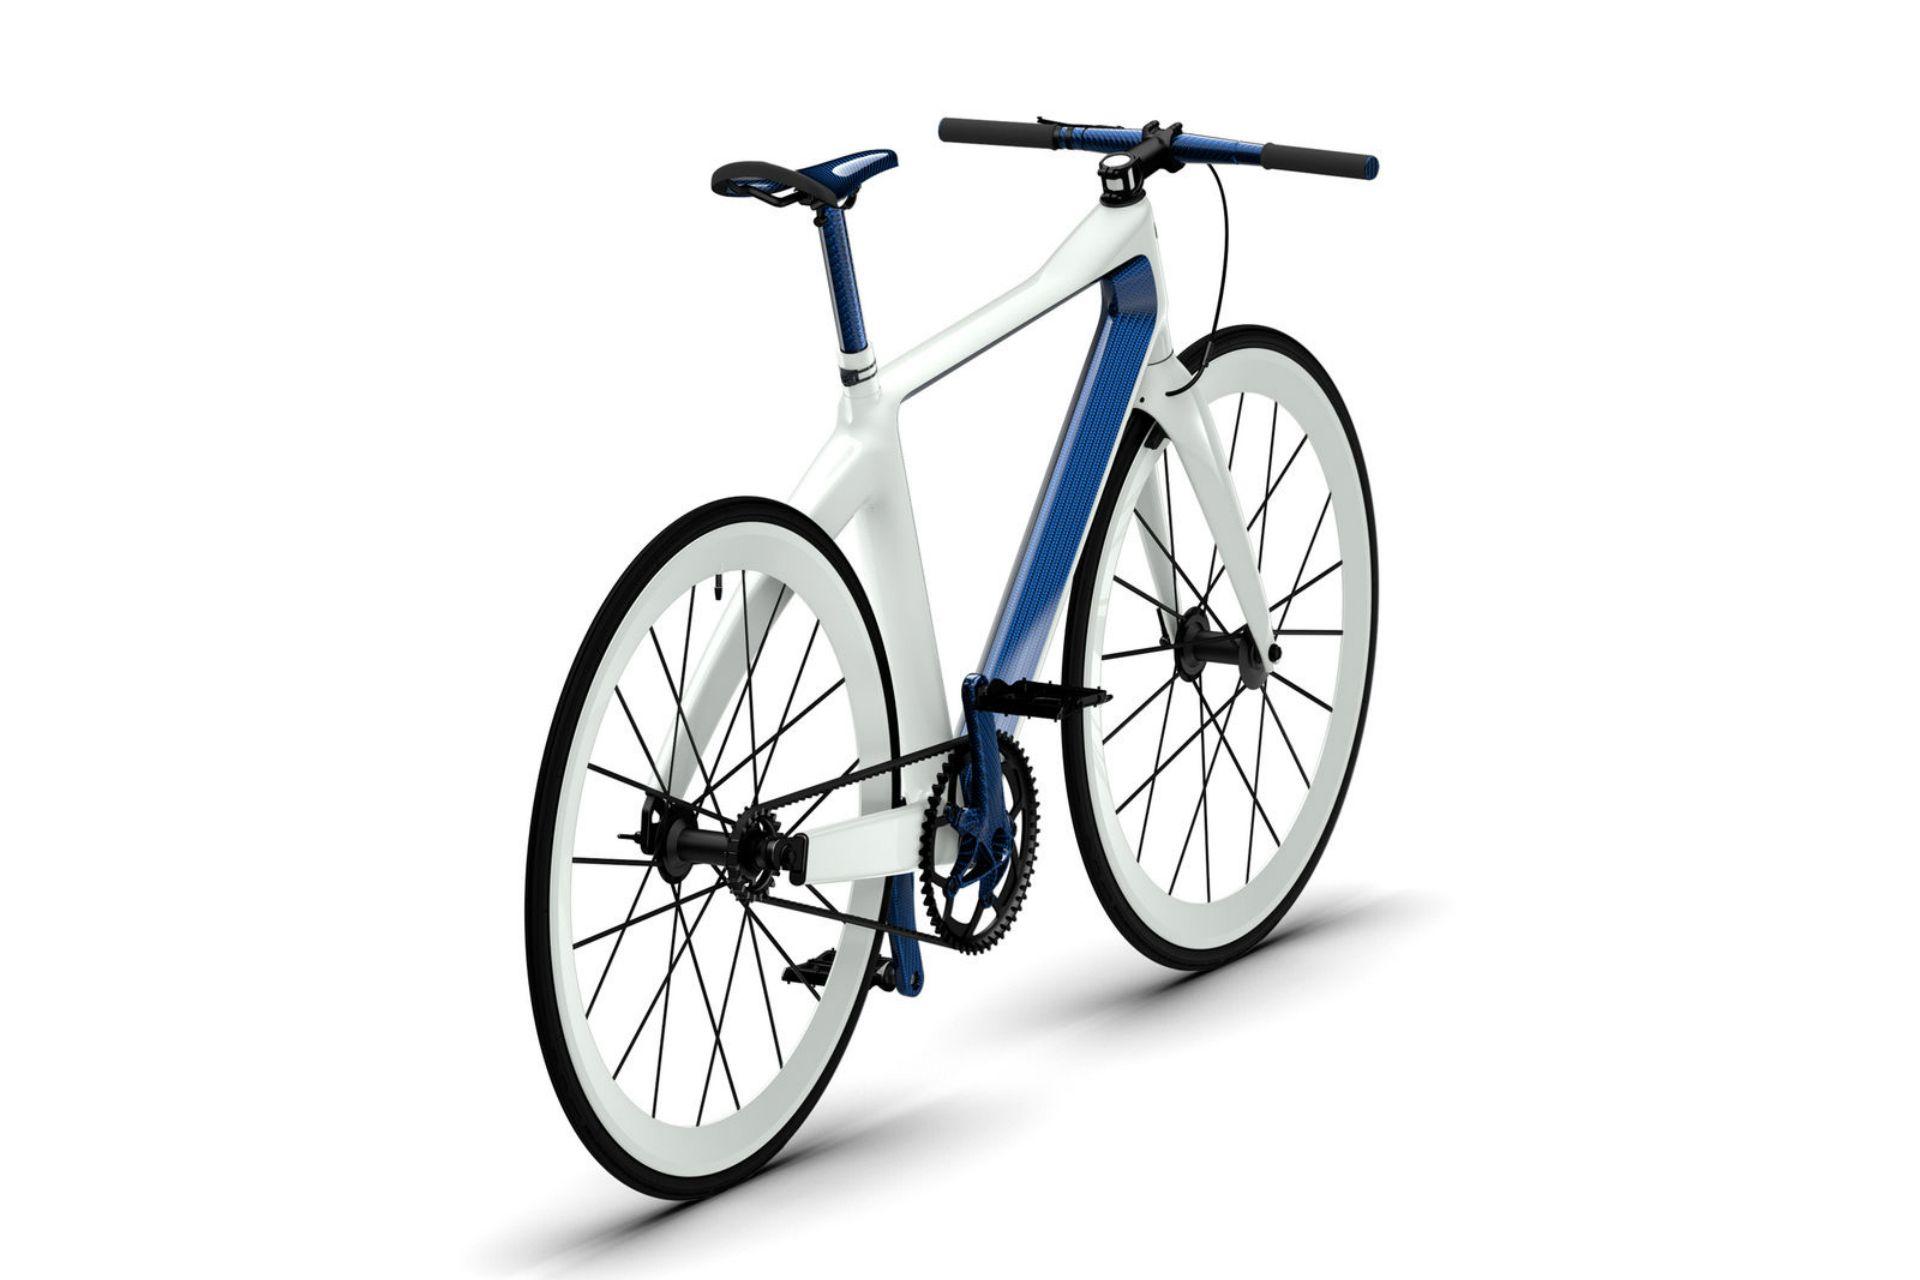 Bicicleta Bugatti PG la mas cara y liviana del mundo Muestra 3